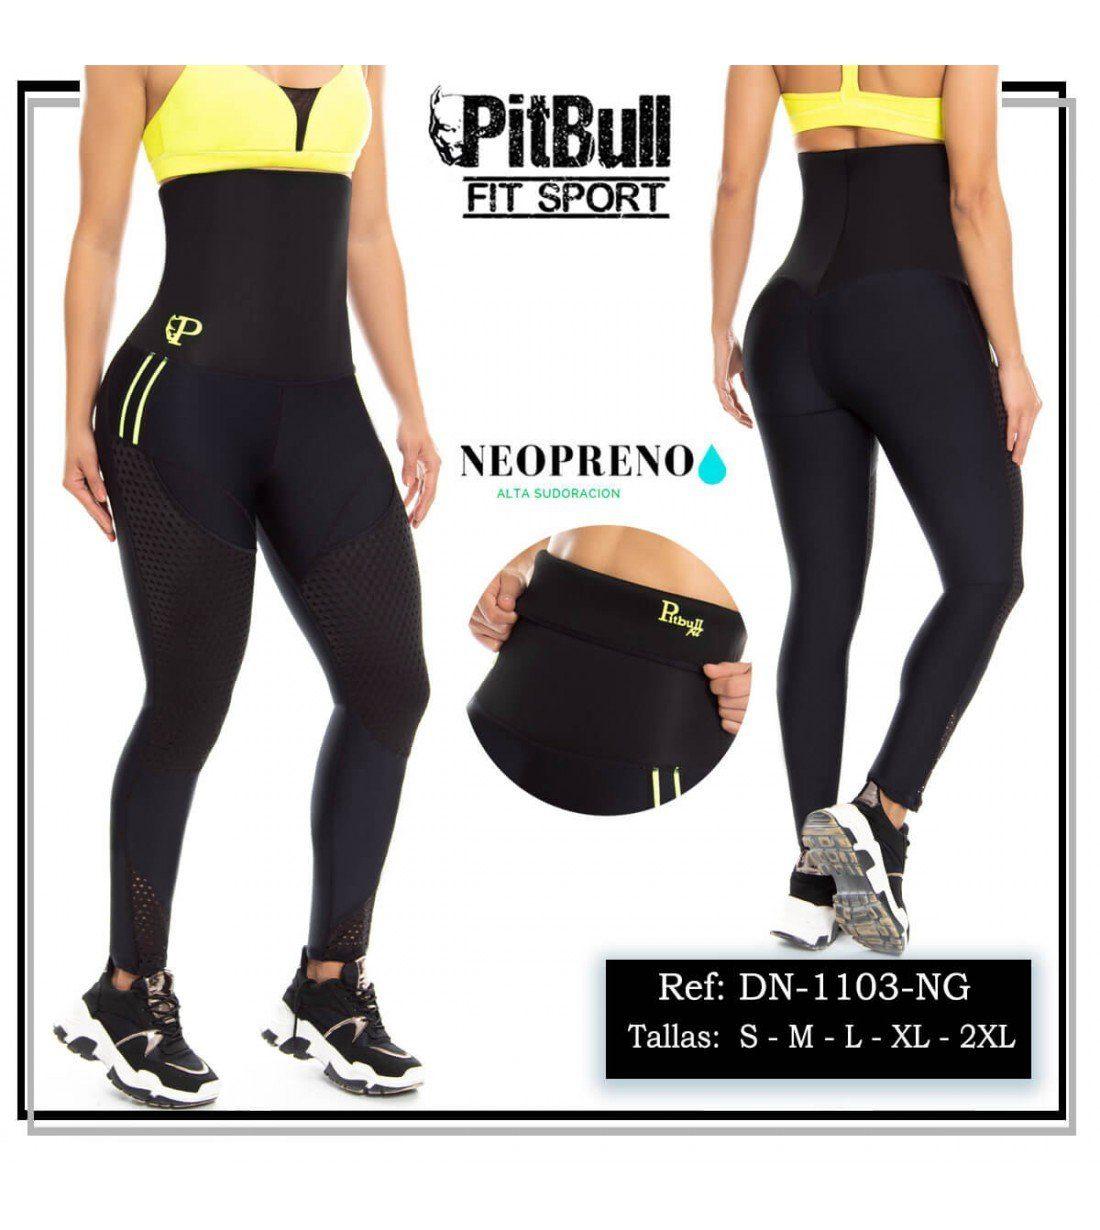 Malla Neopreno Deportivo Pitbull -DN1103